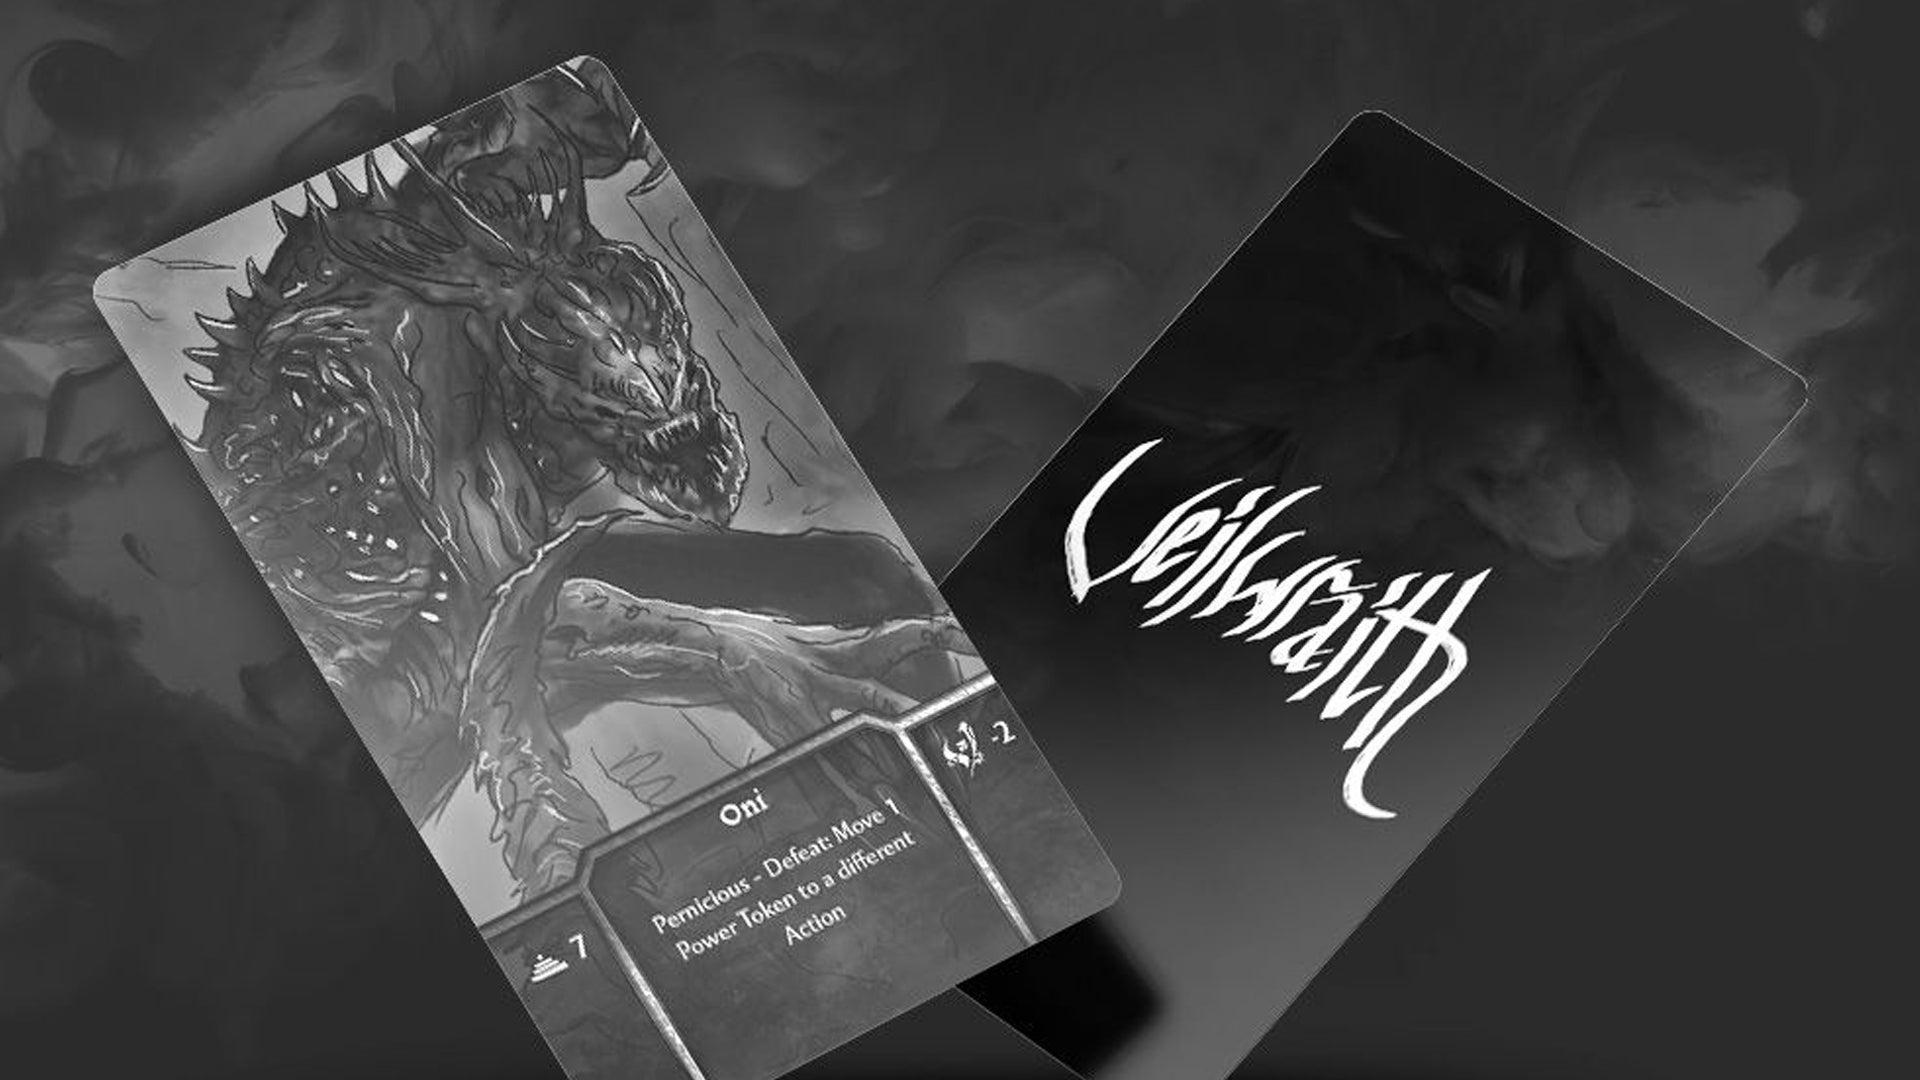 veilwraith-board-game-cards.jpg